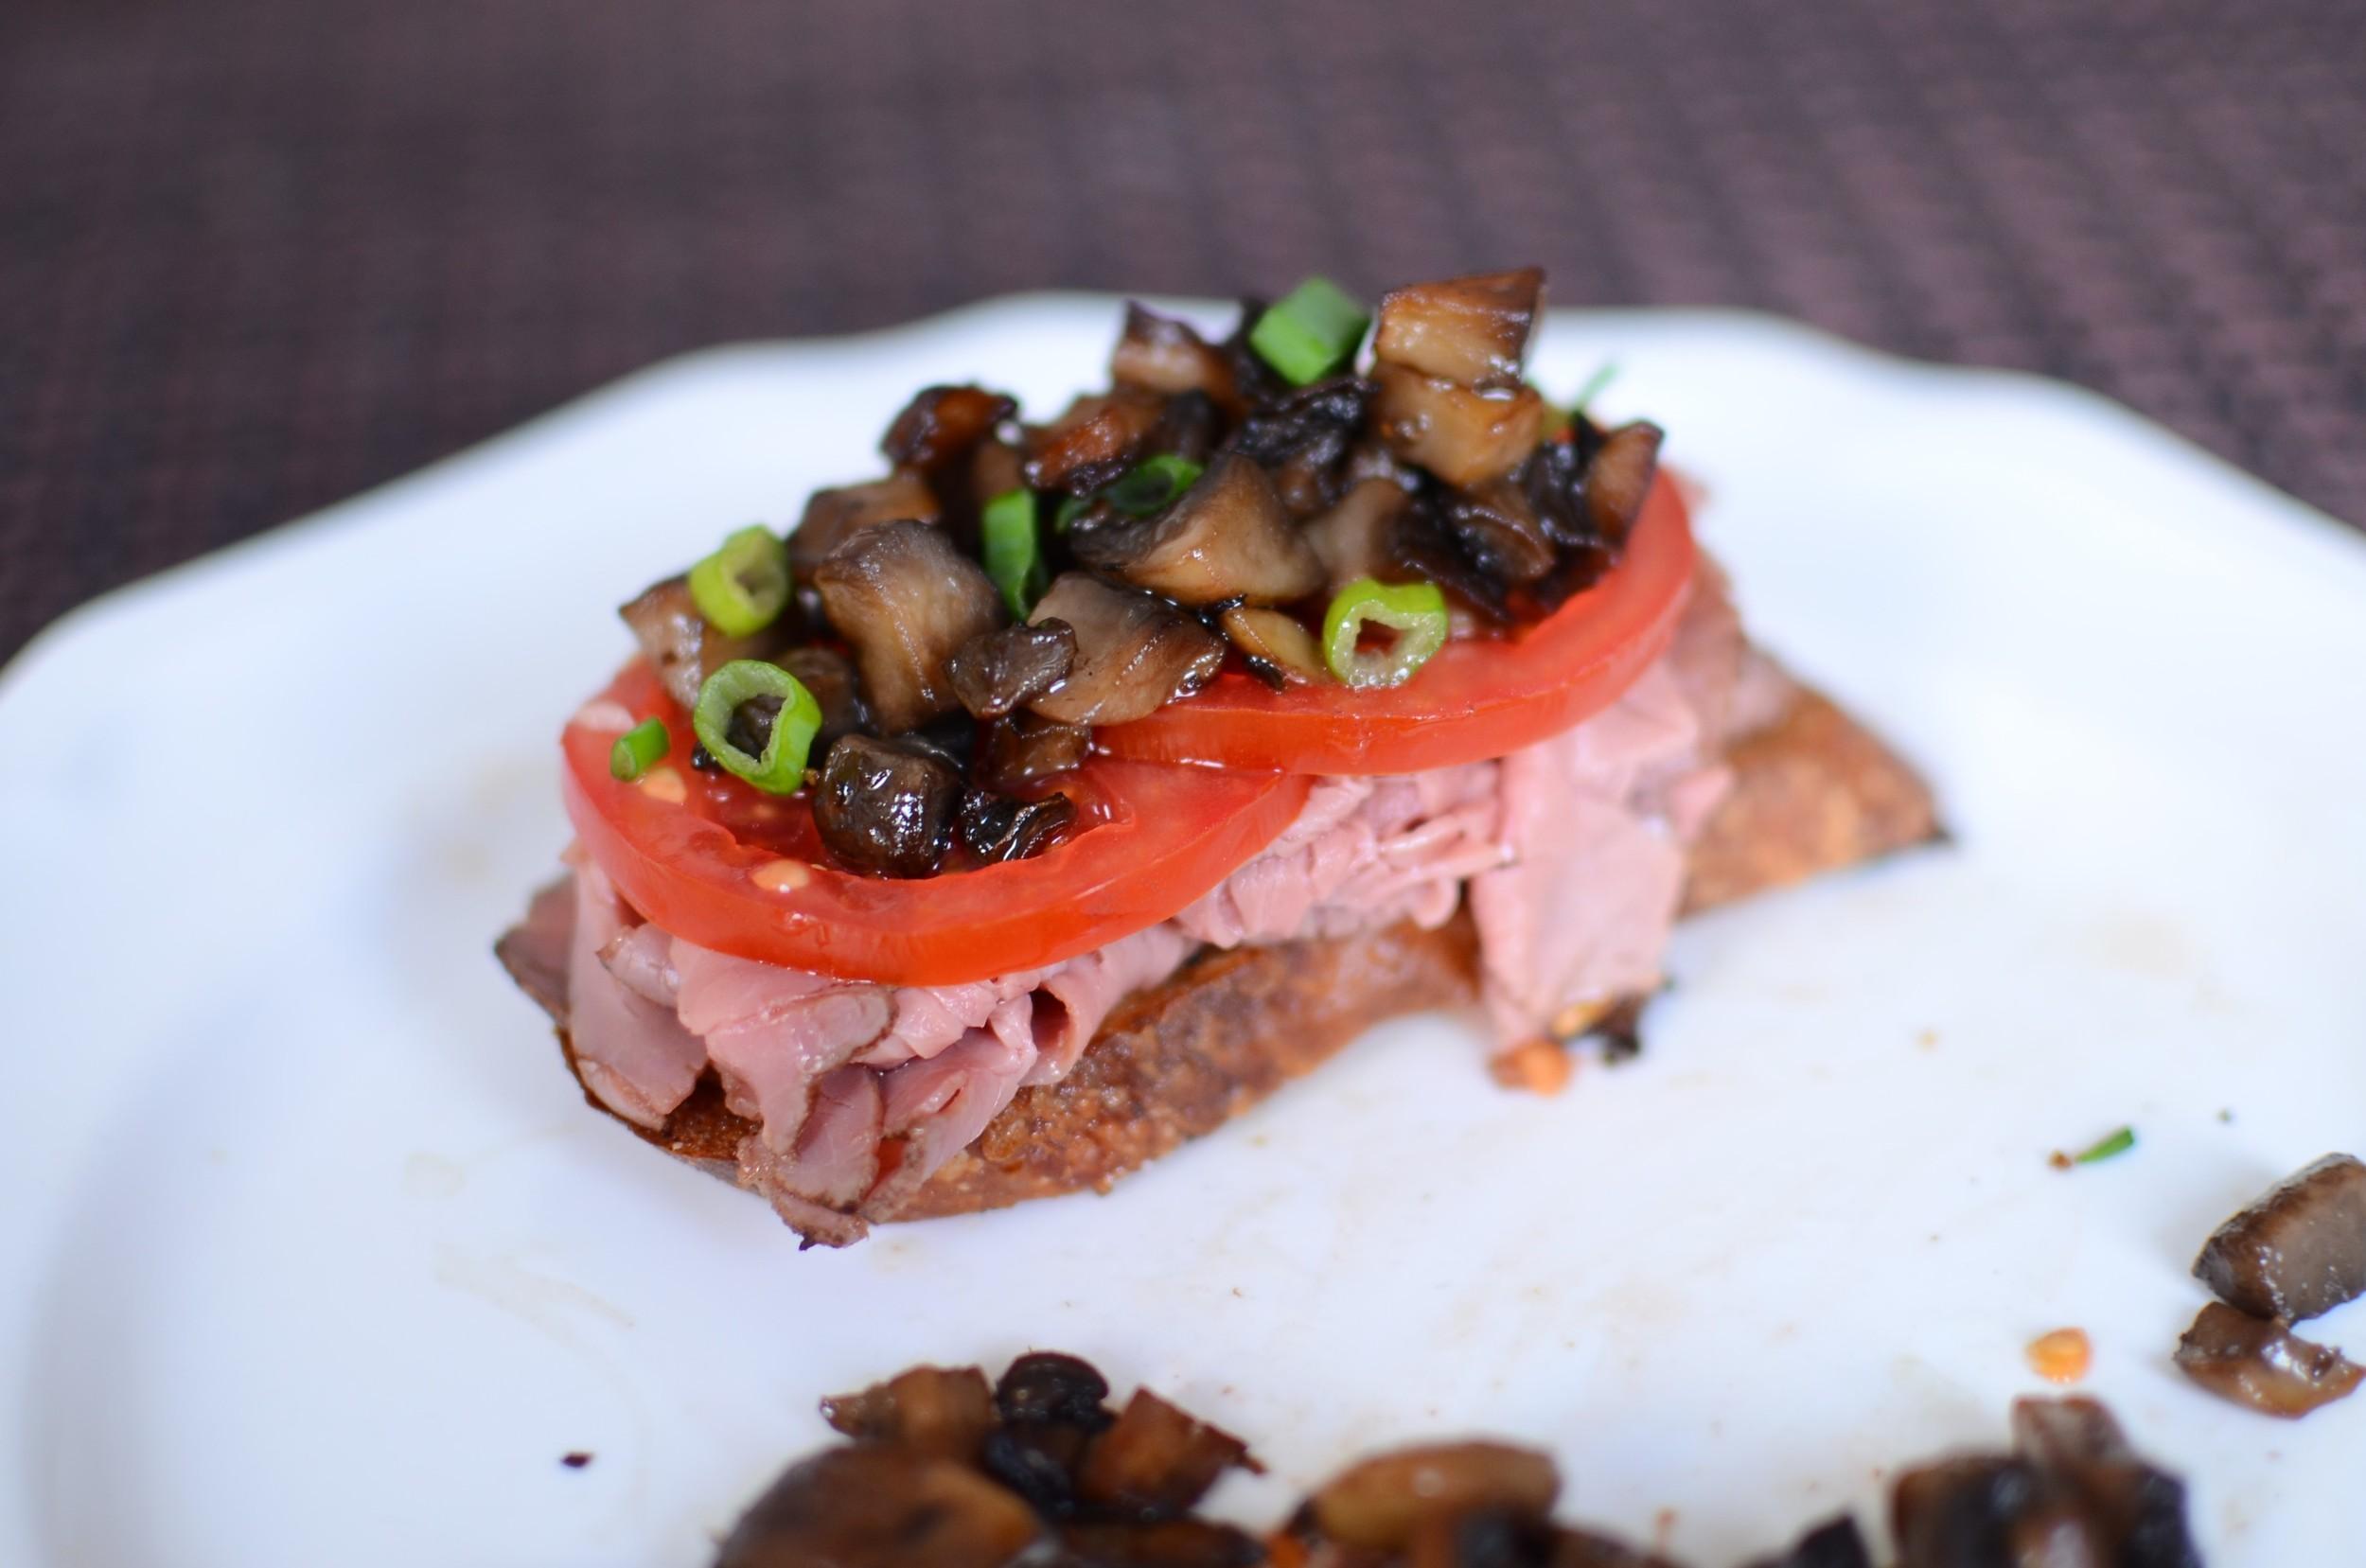 Roast Beef and Mushroom Crostini - ButterYum